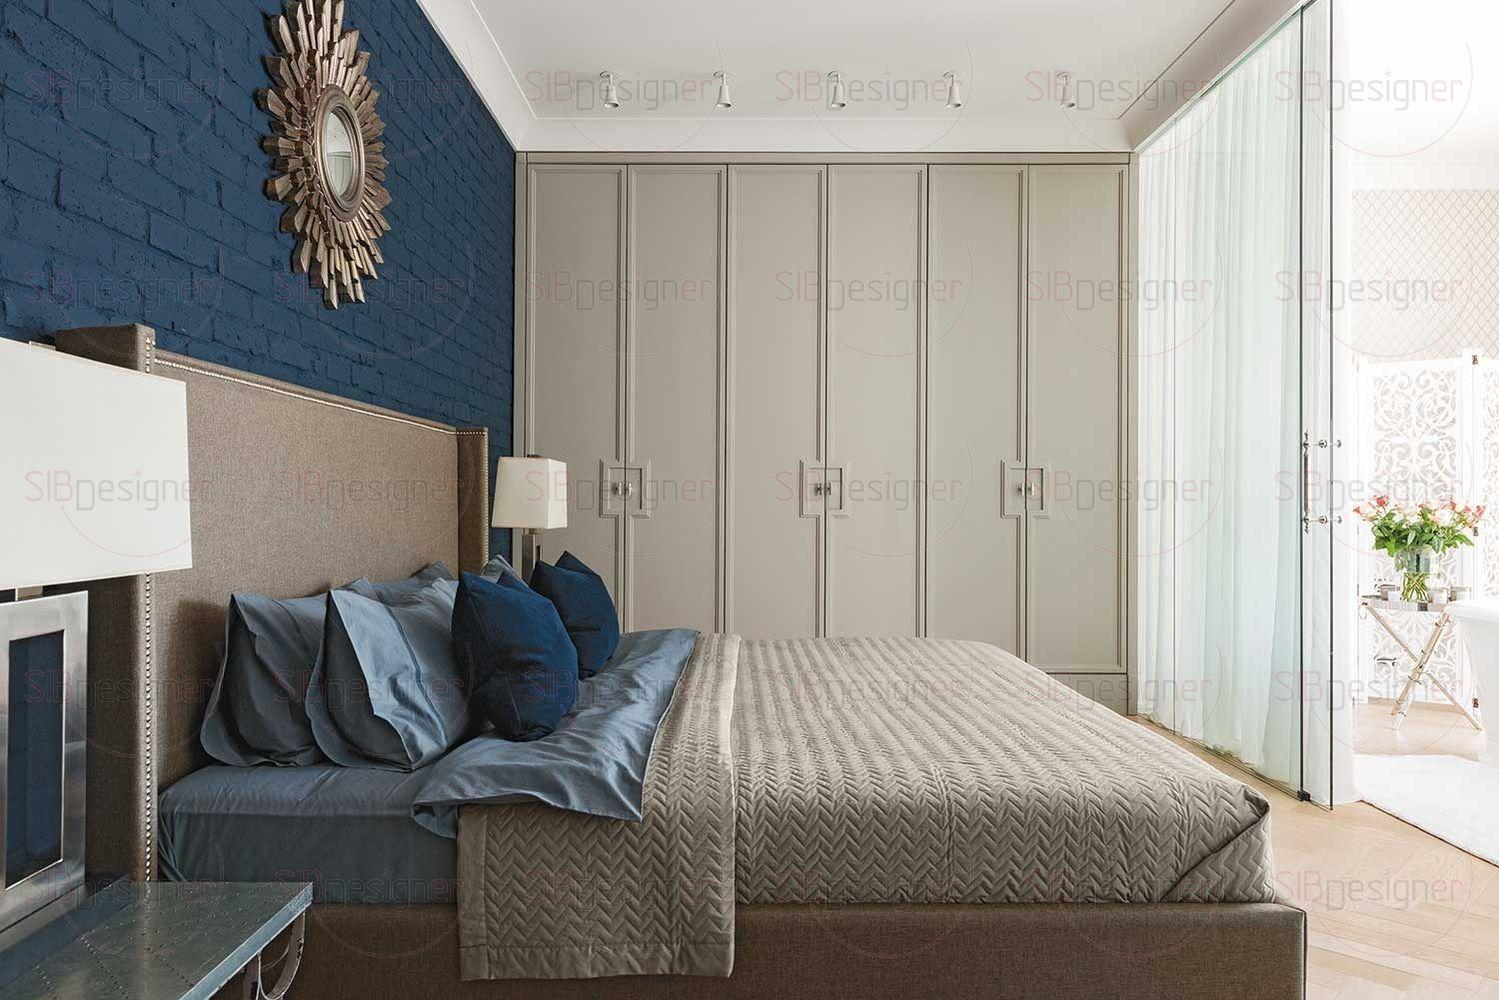 Со стороны подножья широкой кровати находятся раздвижные стеклянные двери, спрятанные под светлым тюлем и ведущие в женскую ванную комнату.